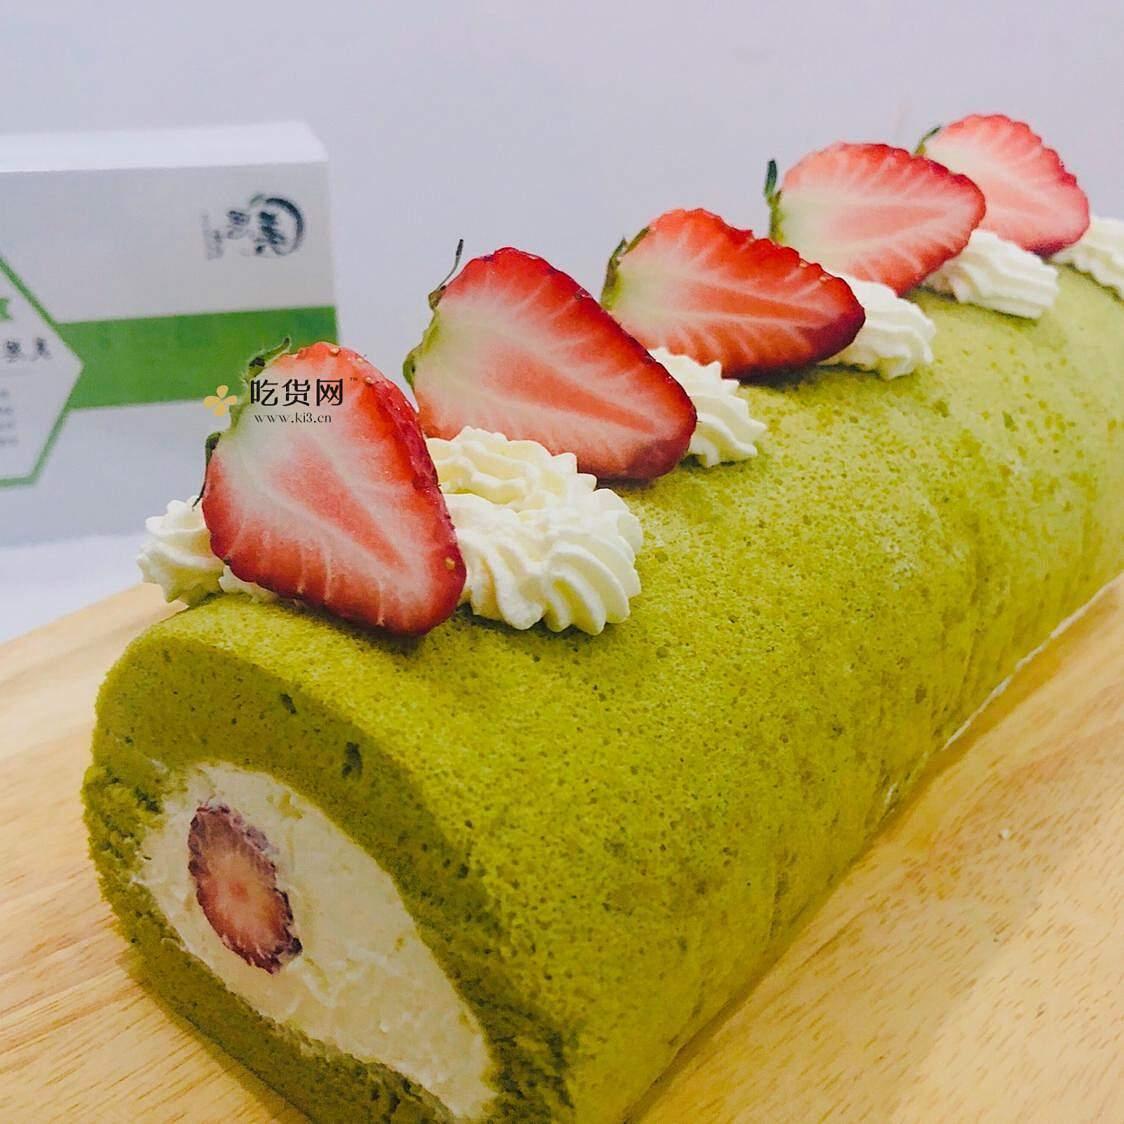 抹茶草莓🍓蛋糕卷的做法 步骤15